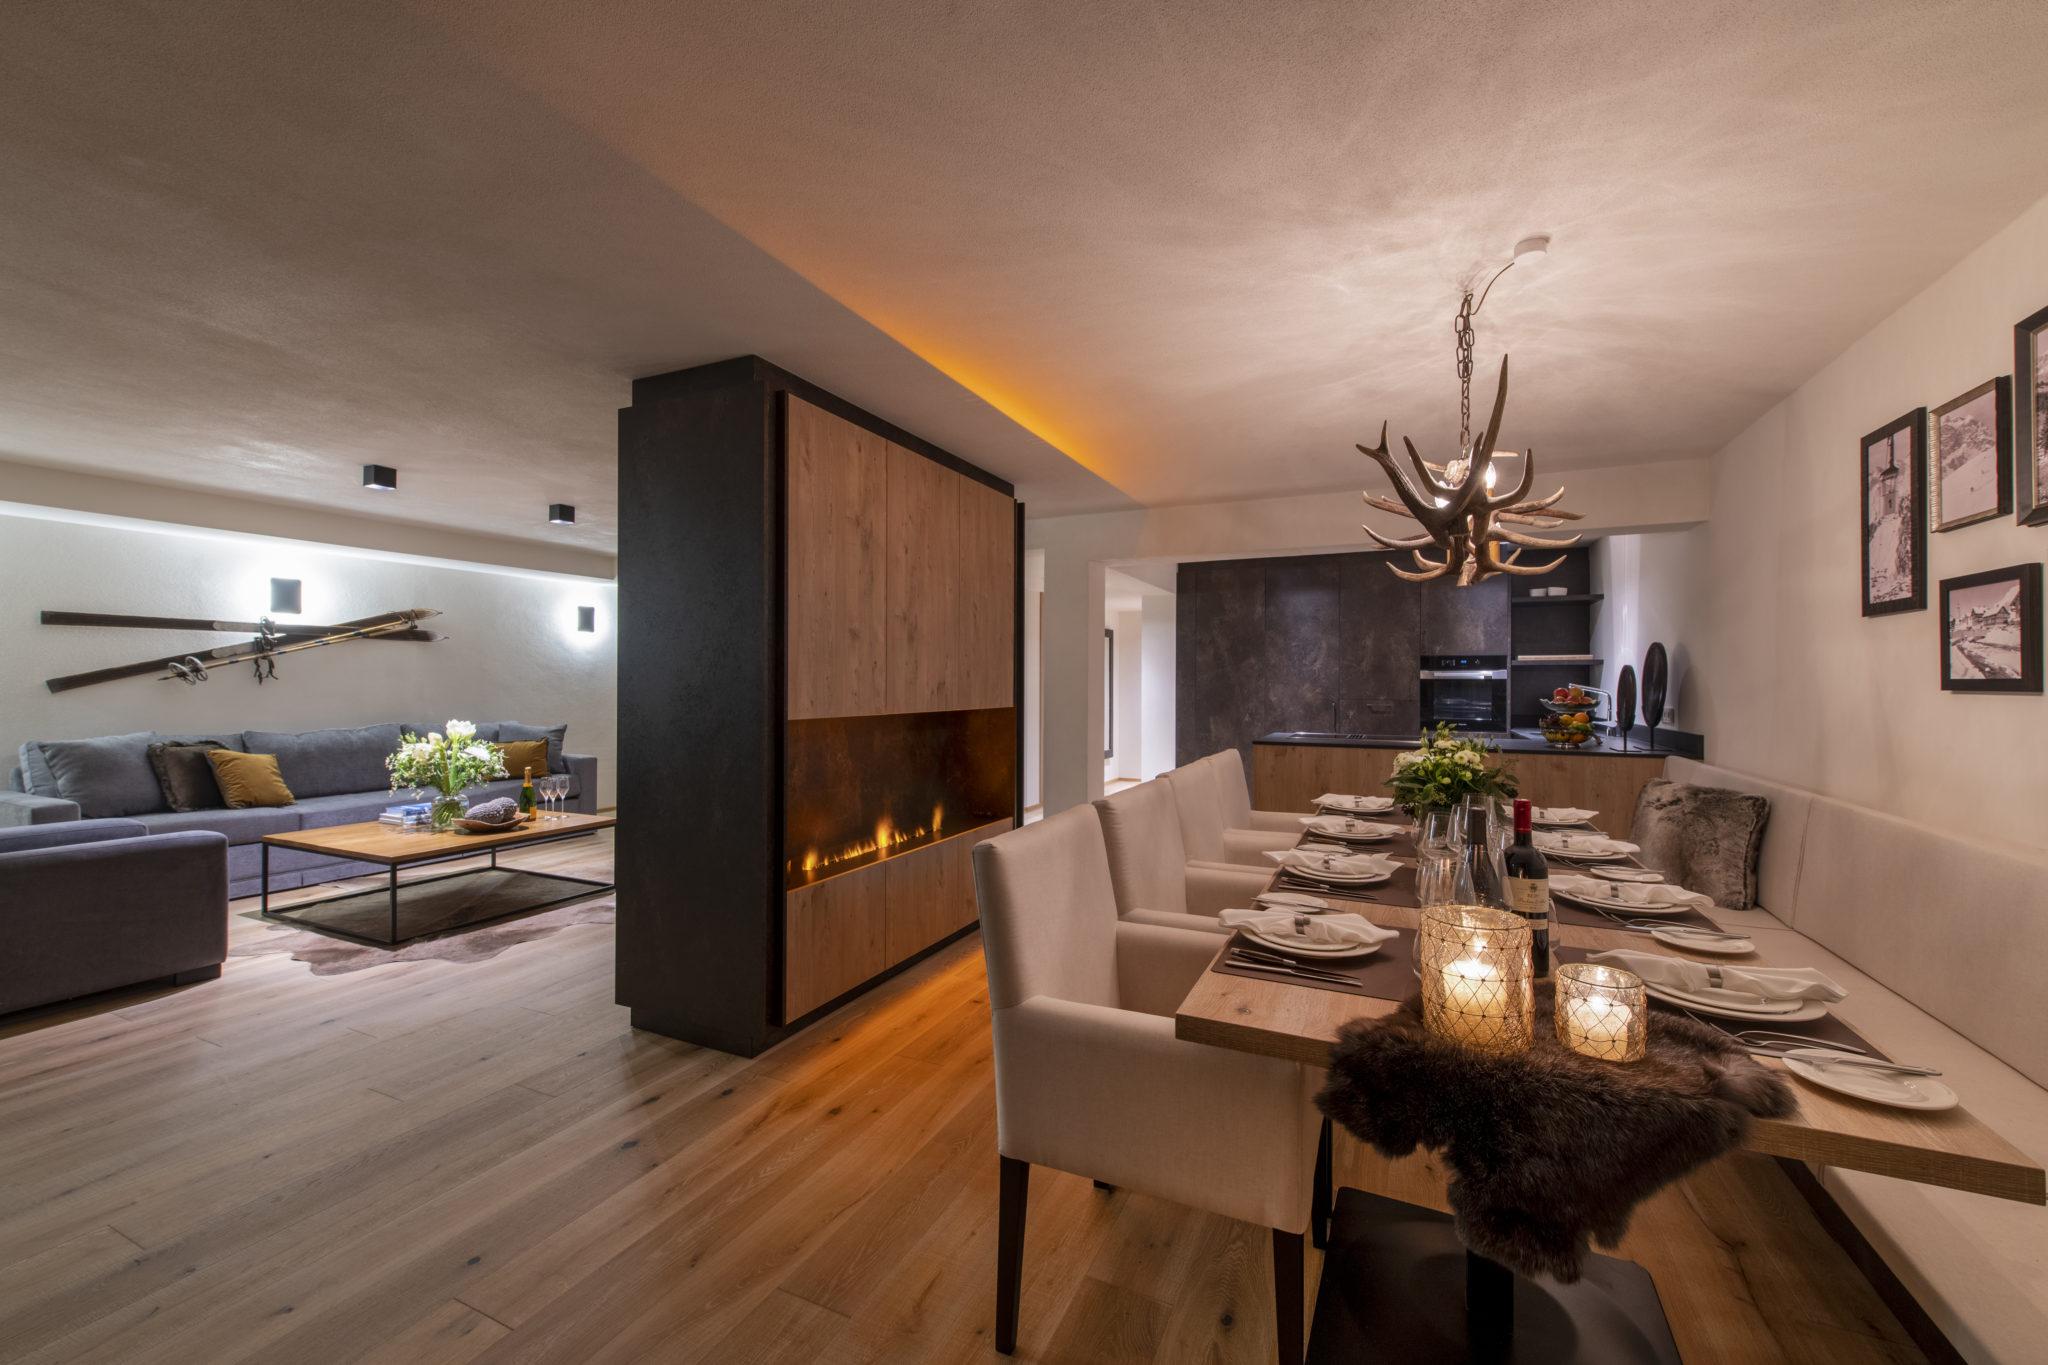 brunnenhof-3-11302-scaled